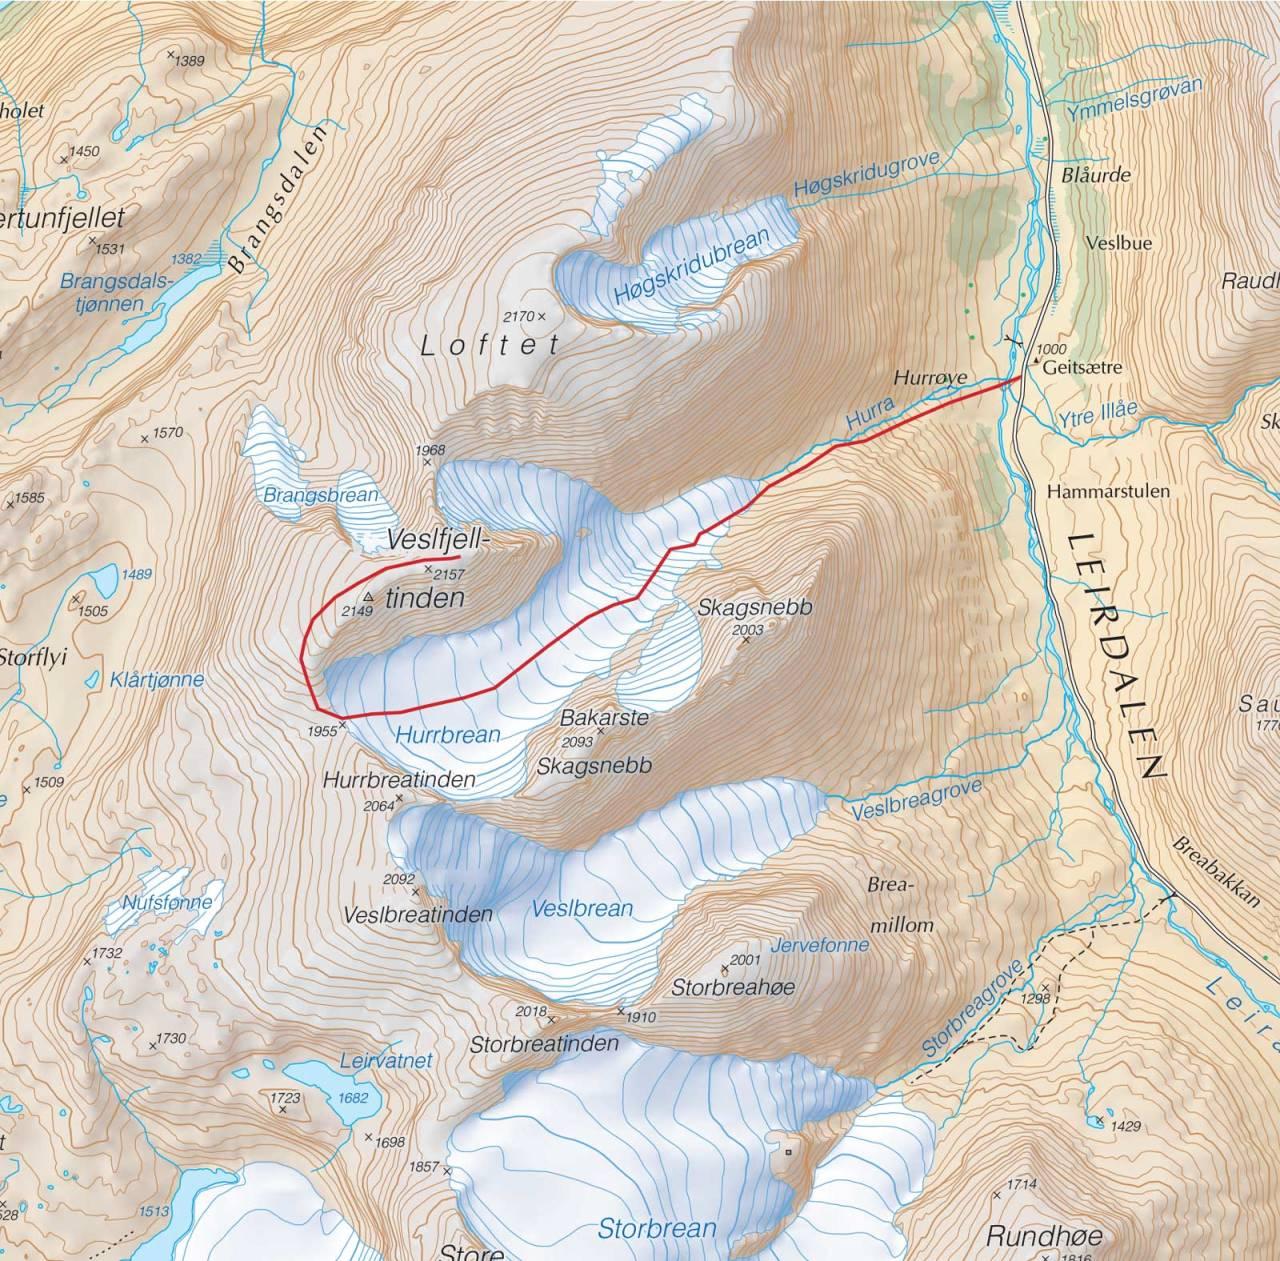 Kart over Veslfjelltinden med inntegnet rute. Fra Trygge toppturer